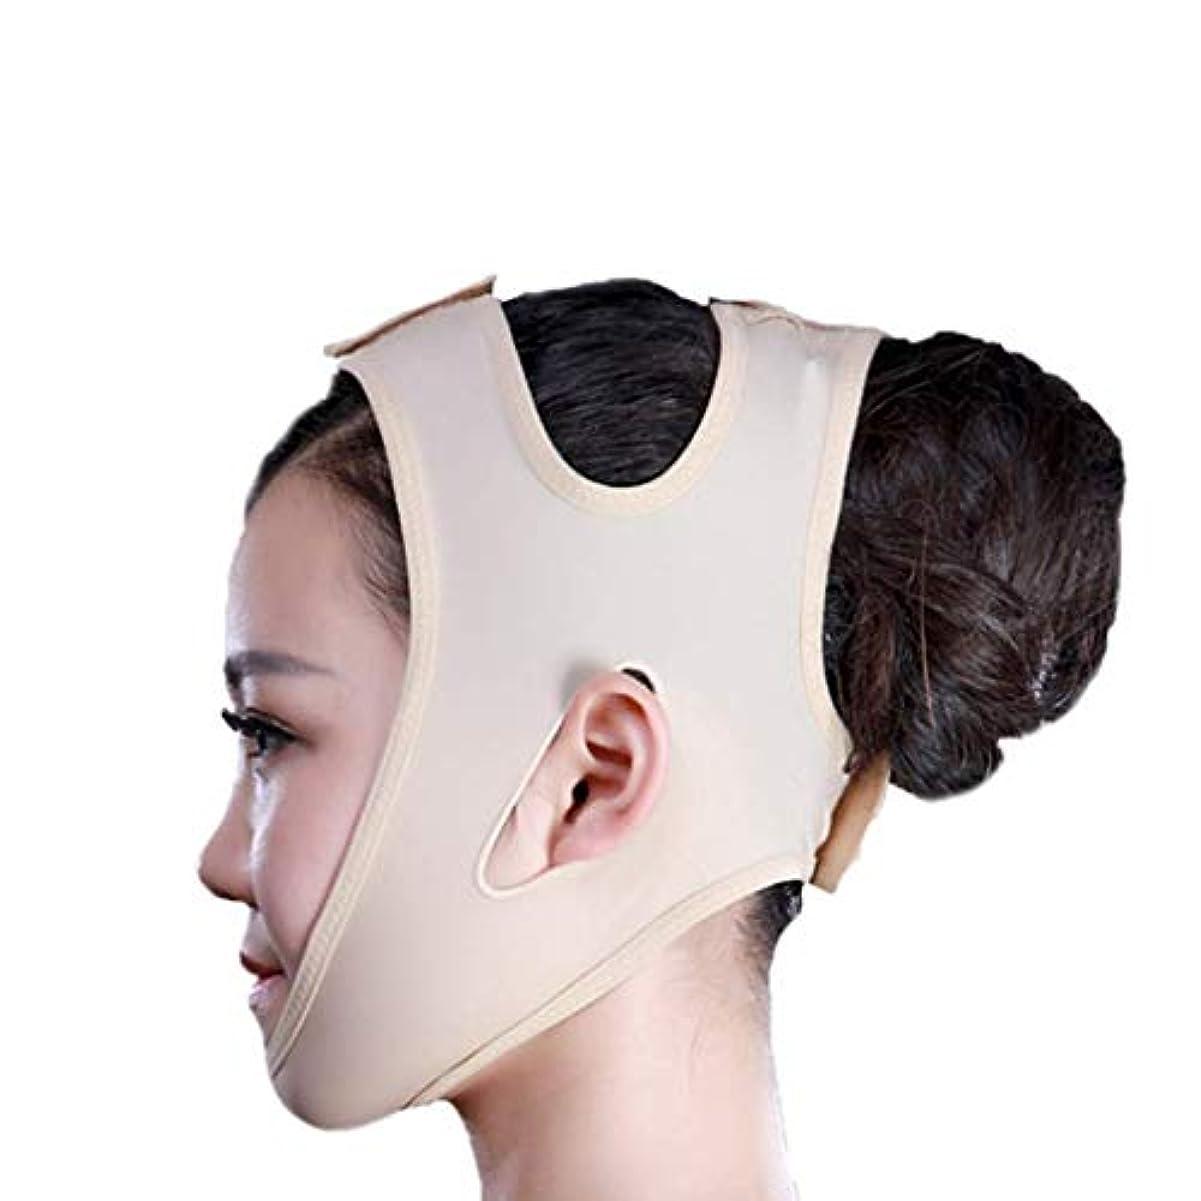 フルーツ不健全美しいフェイススリミングマスク、快適さと通気性、フェイシャルリフティング、輪郭の改善された硬さ、ファーミングとリフティングフェイス(カラー:ブラック、サイズ:XL),黄色がかったピンク、XXL